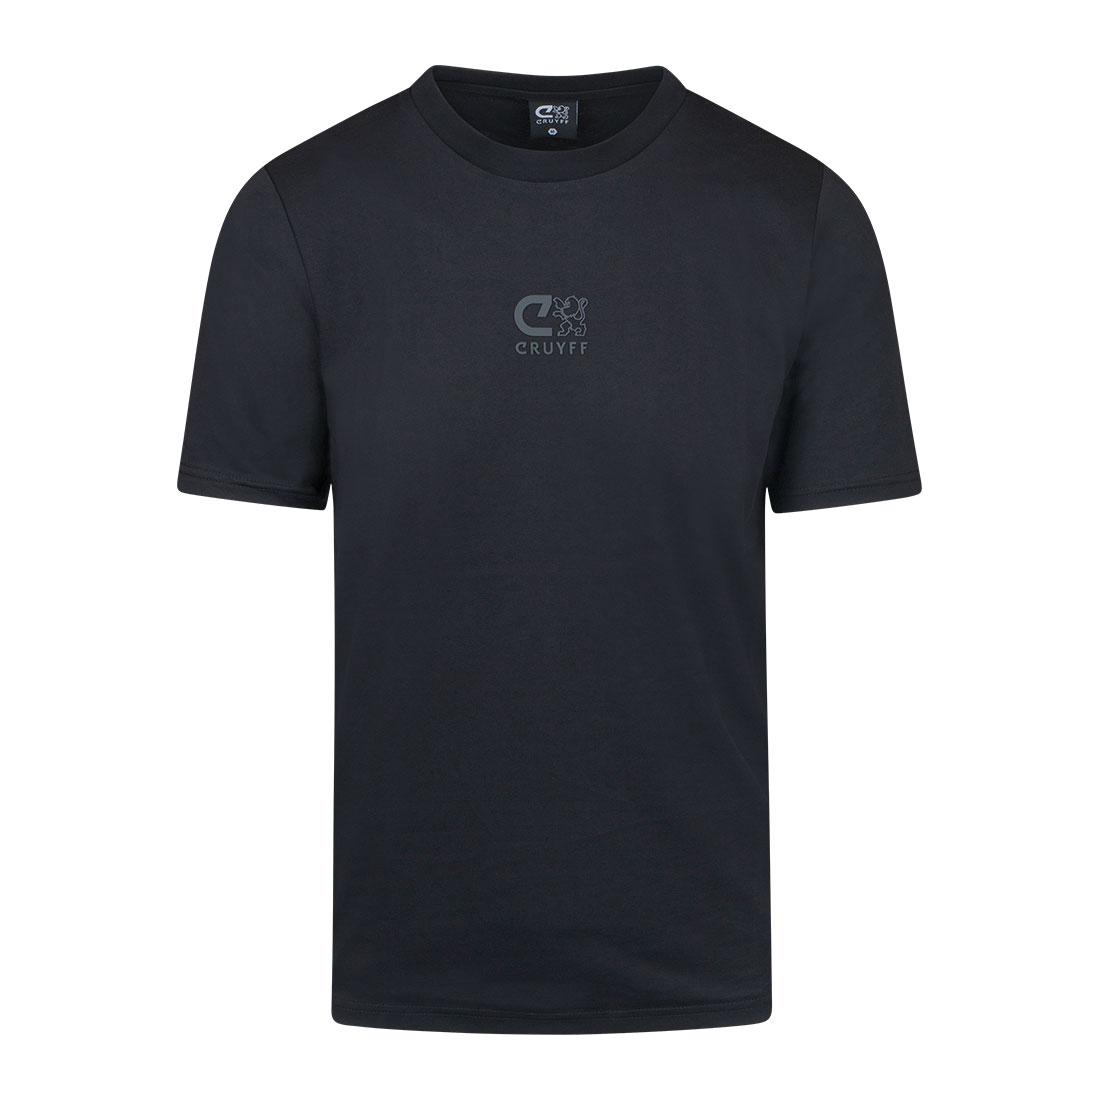 Cruyff Joaquim T-shirt heren zwart